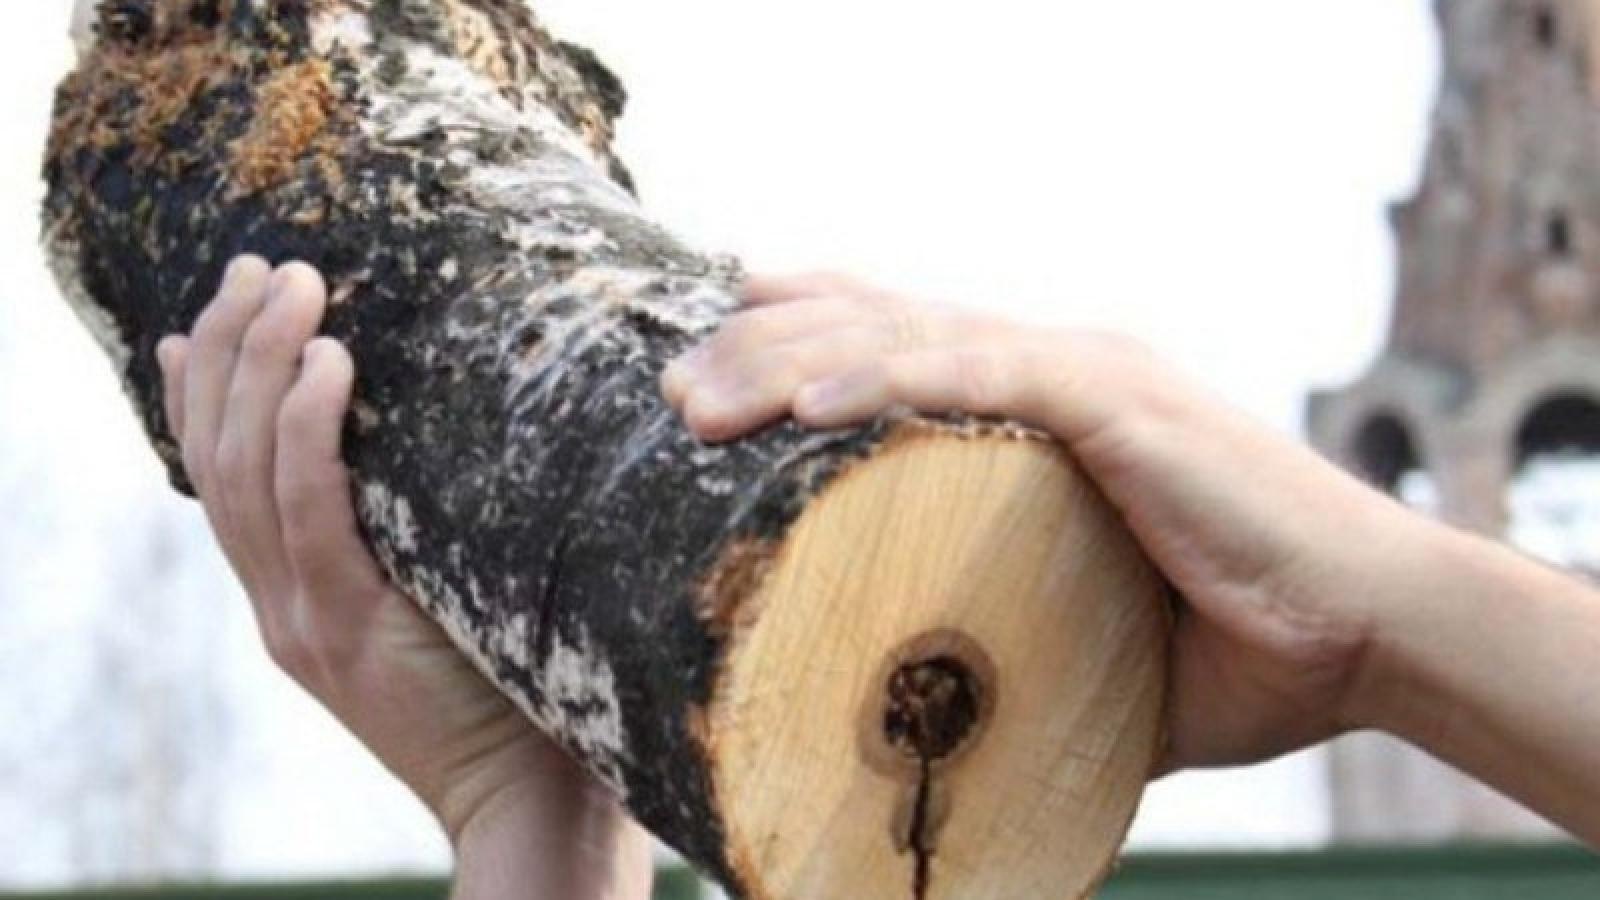 Приговор хилокским душегубам, убившим двух собутыльников поленом: 26 лет строго режима на двоих